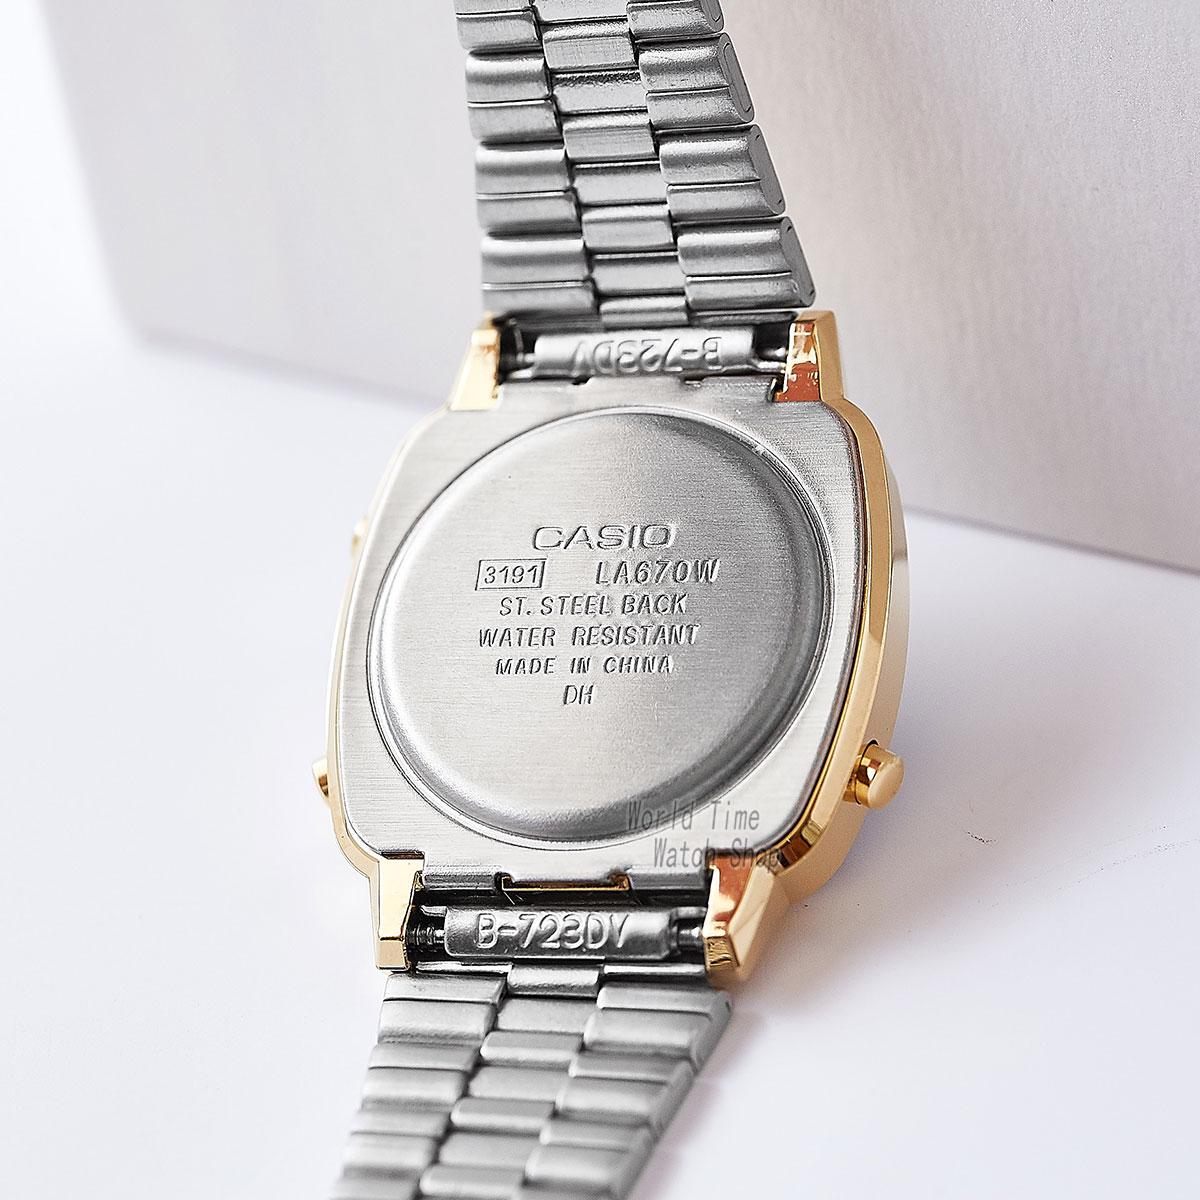 Casio часы золотые женские часы лучший бренд класса люкс водонепроницаемые кварцевые часы женские светодиодные цифровые спортивные женские ... - 4